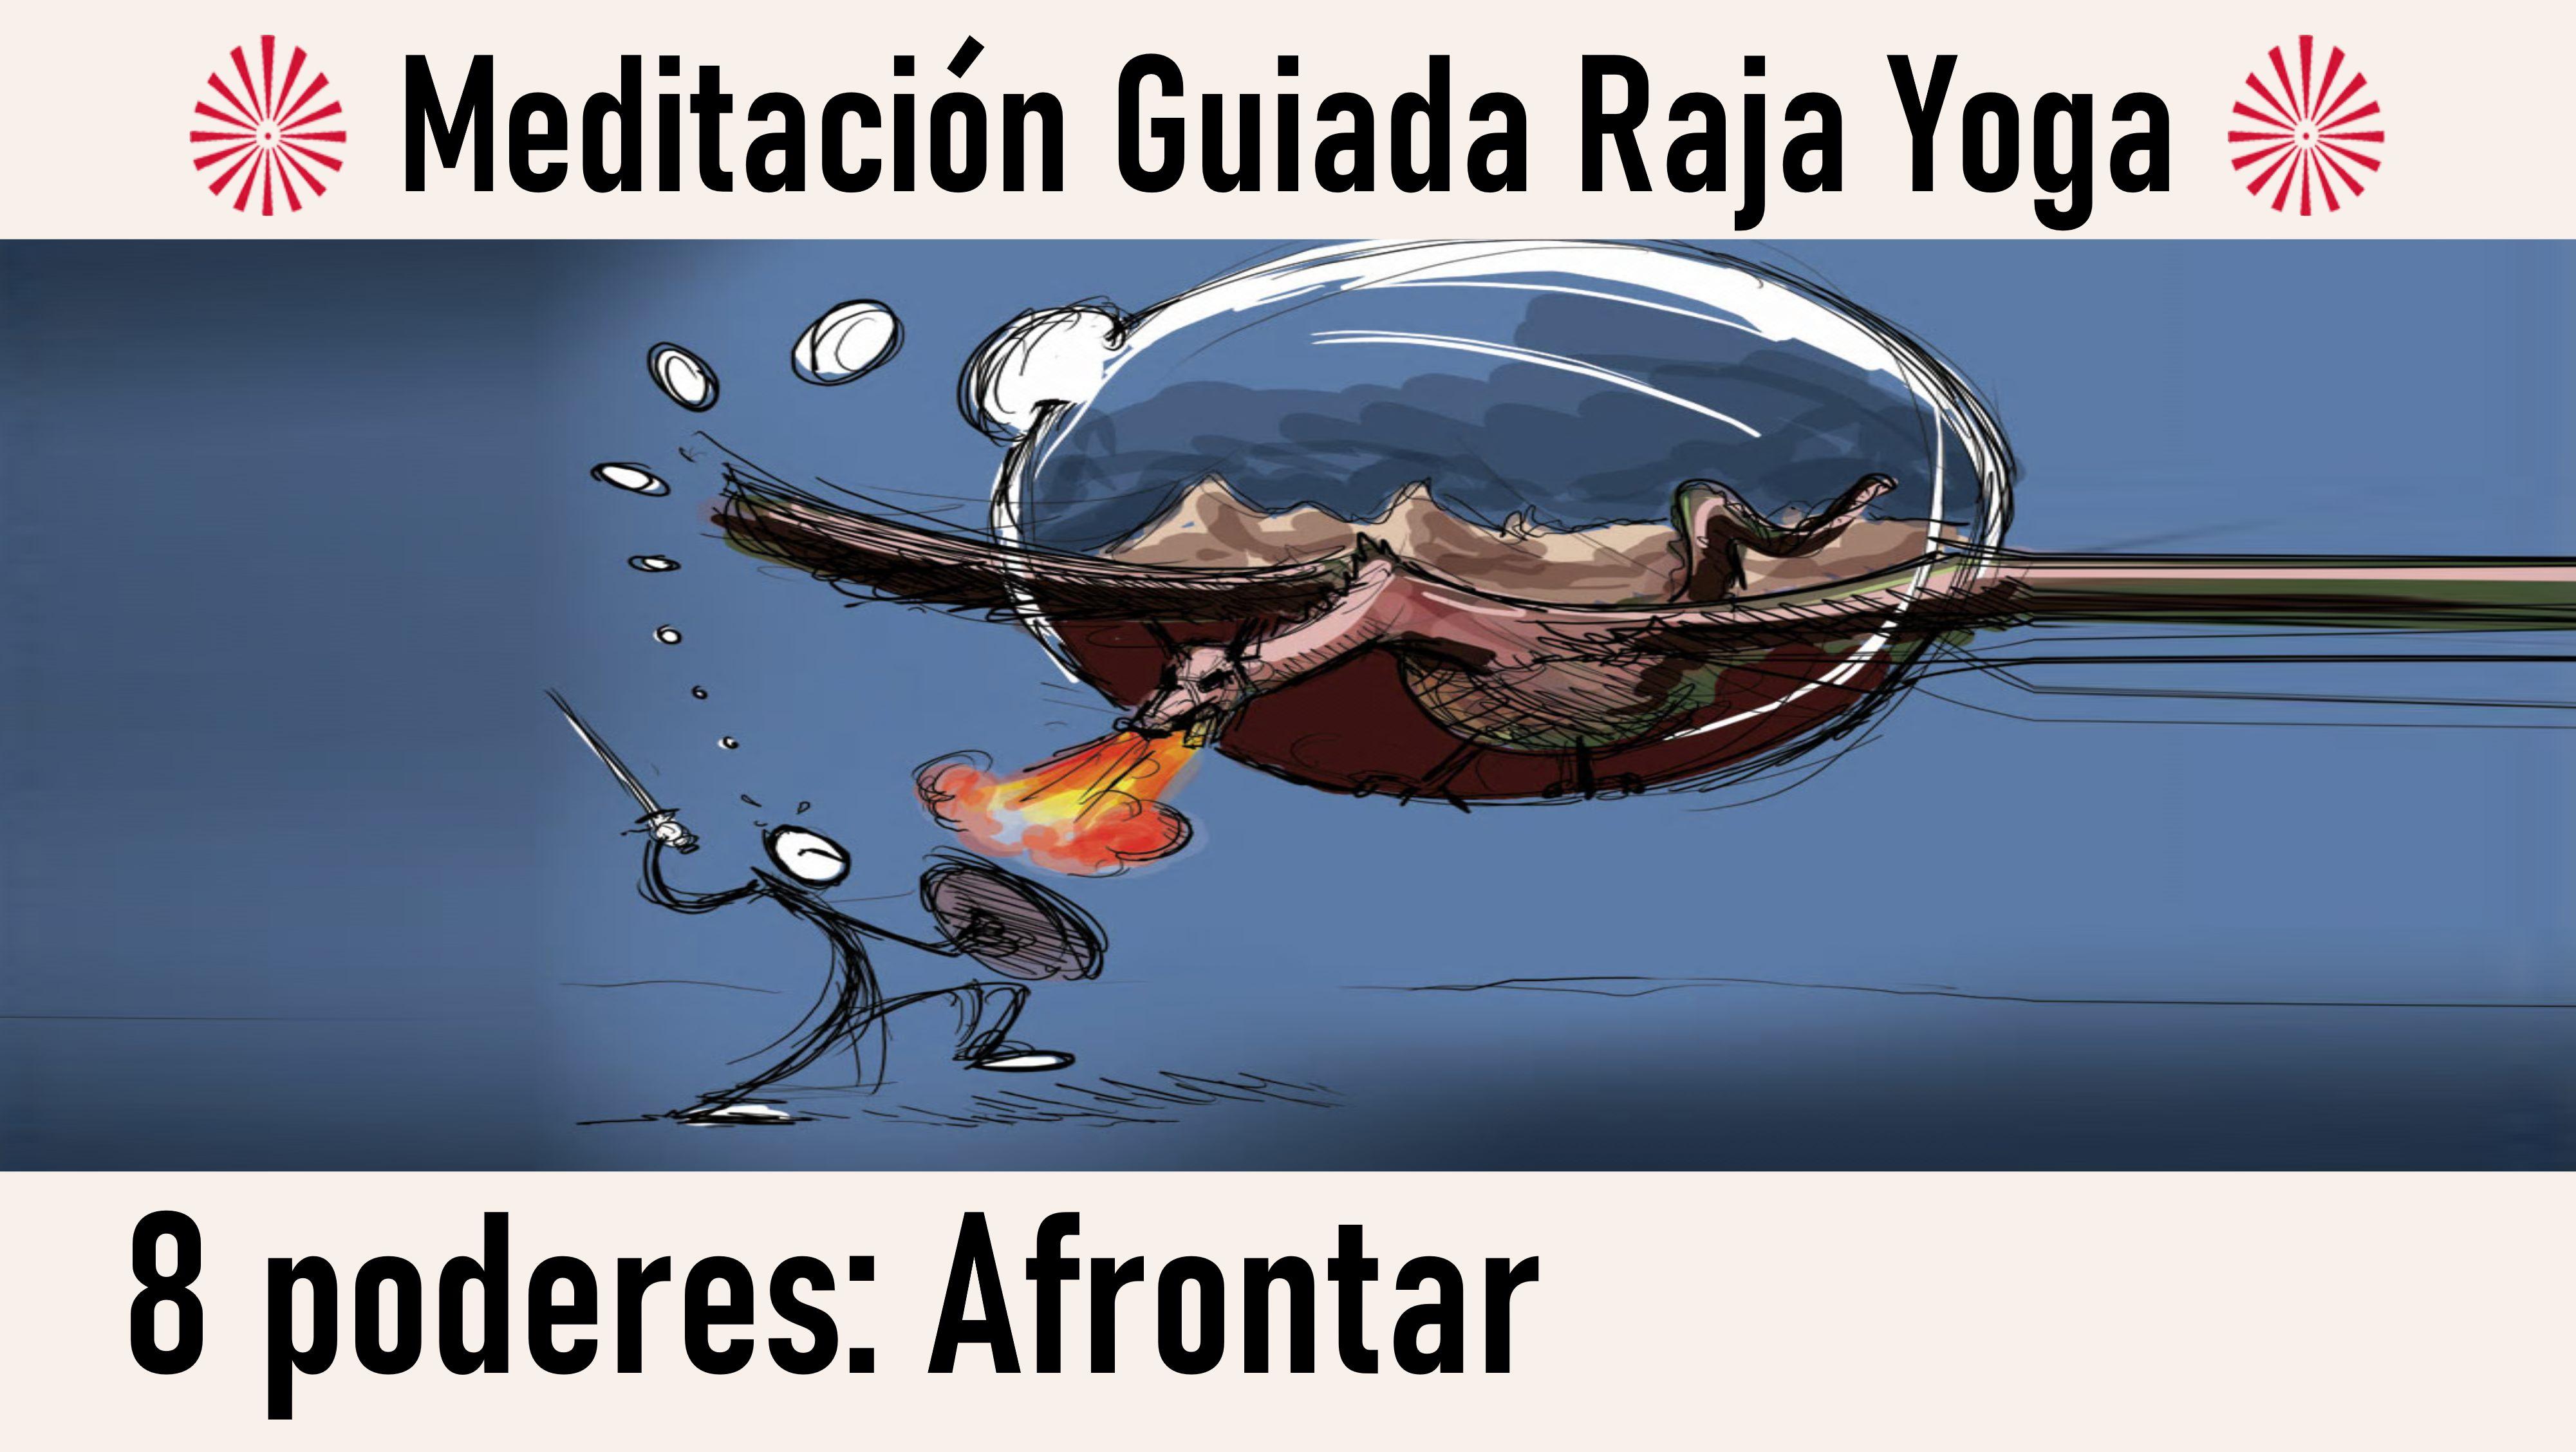 Meditación Raja Yoga. Los ocho poderes: El poder de afrontar (21 Julio 2020) On-line desde Canarias